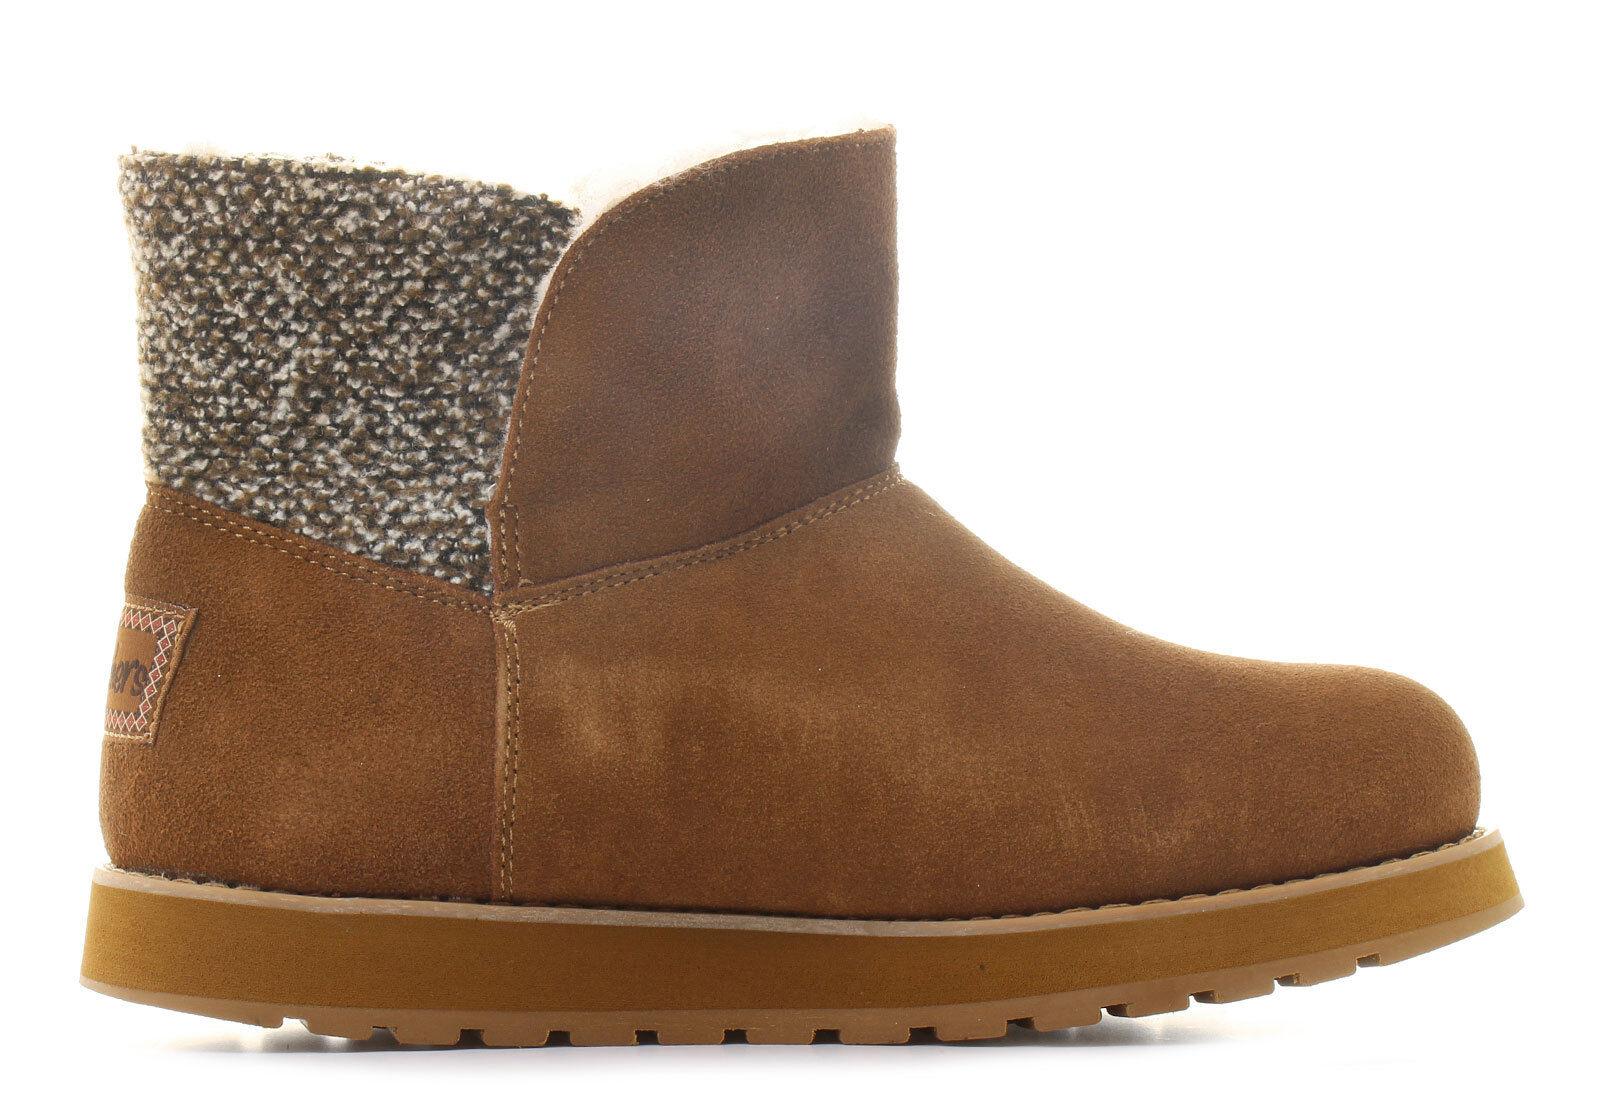 Skechers Keepsakes peekaboo, Women's Ankle Boots Chesnut